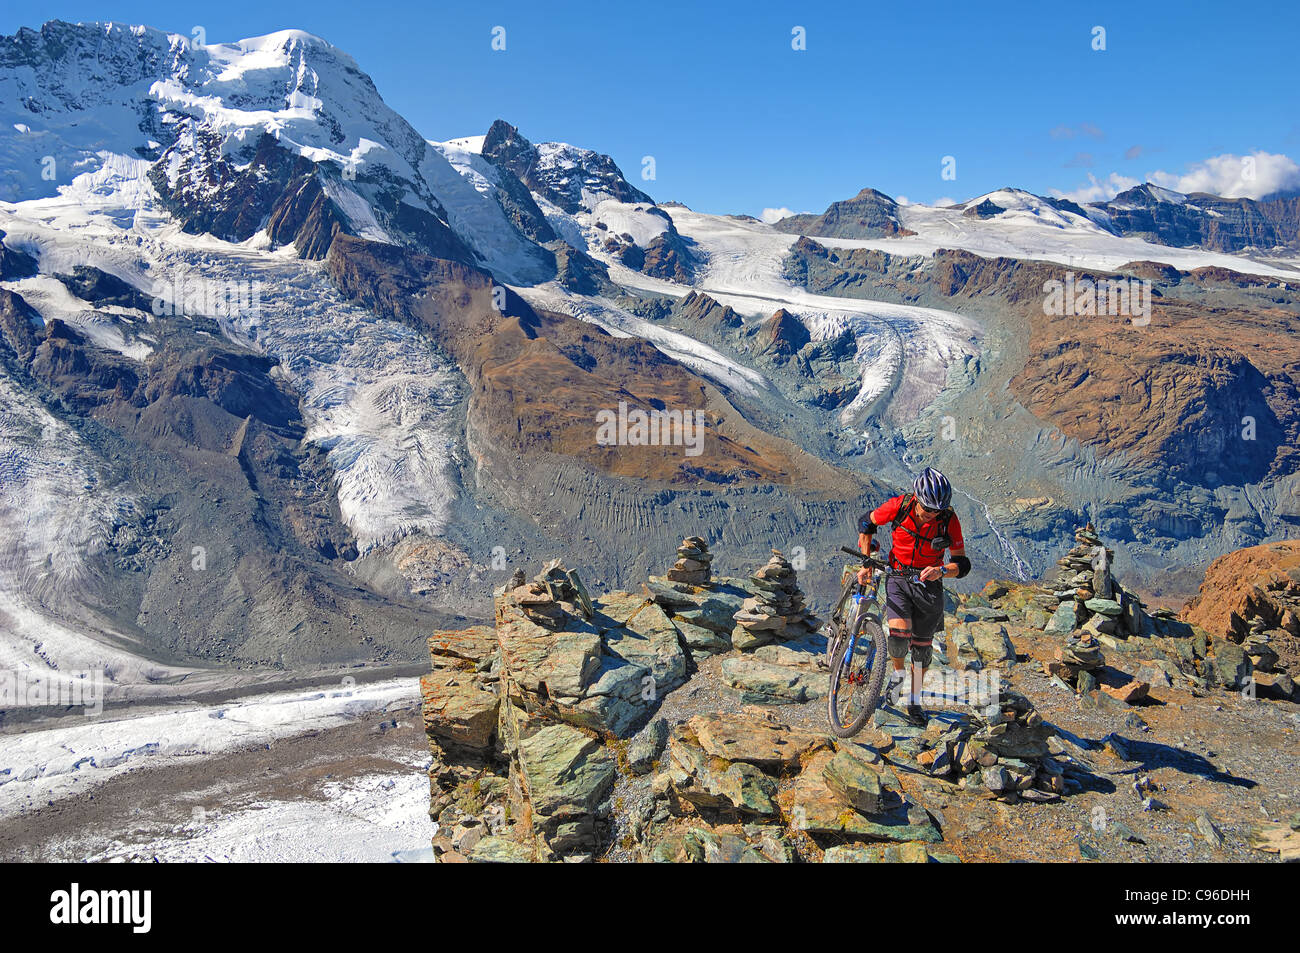 Mountainbiker von Rotenboden, 2, 815m, hinunter nach Zermatt in der Schweiz. Stockbild